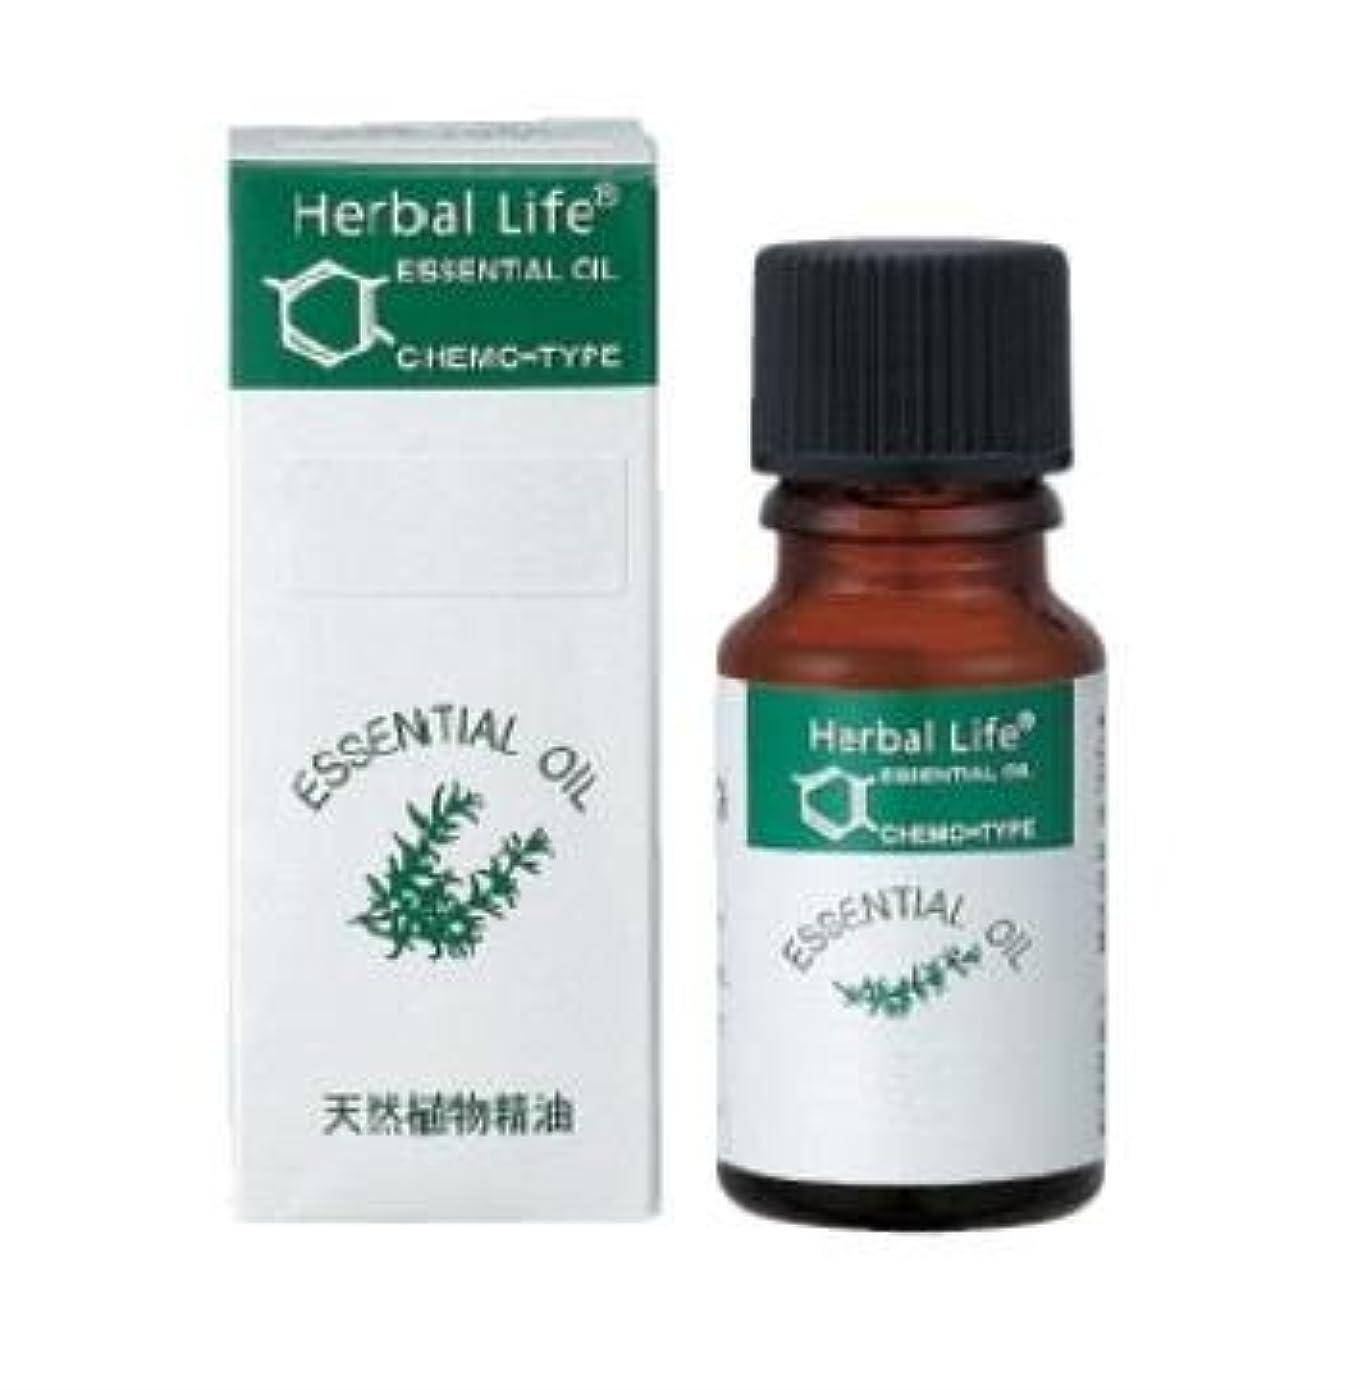 生活の木 エッセンシャルオイル シトロネラ 精油 10ml アロマオイル アロマ